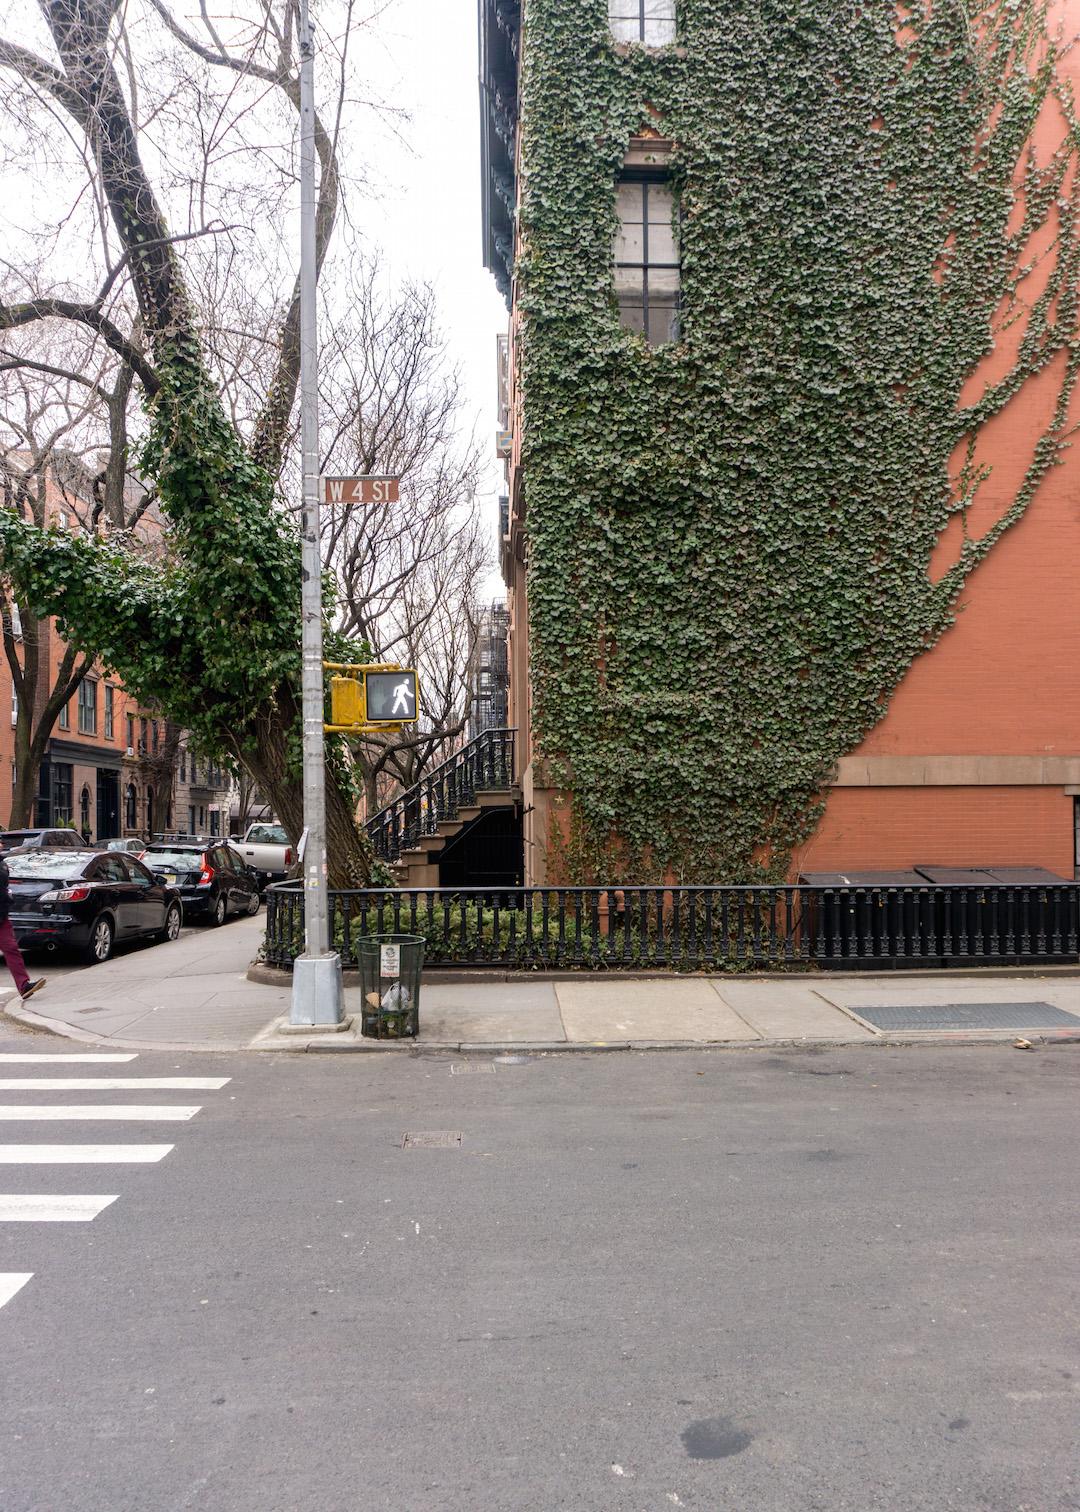 Her_Travel_Edit_West_Village_NYC